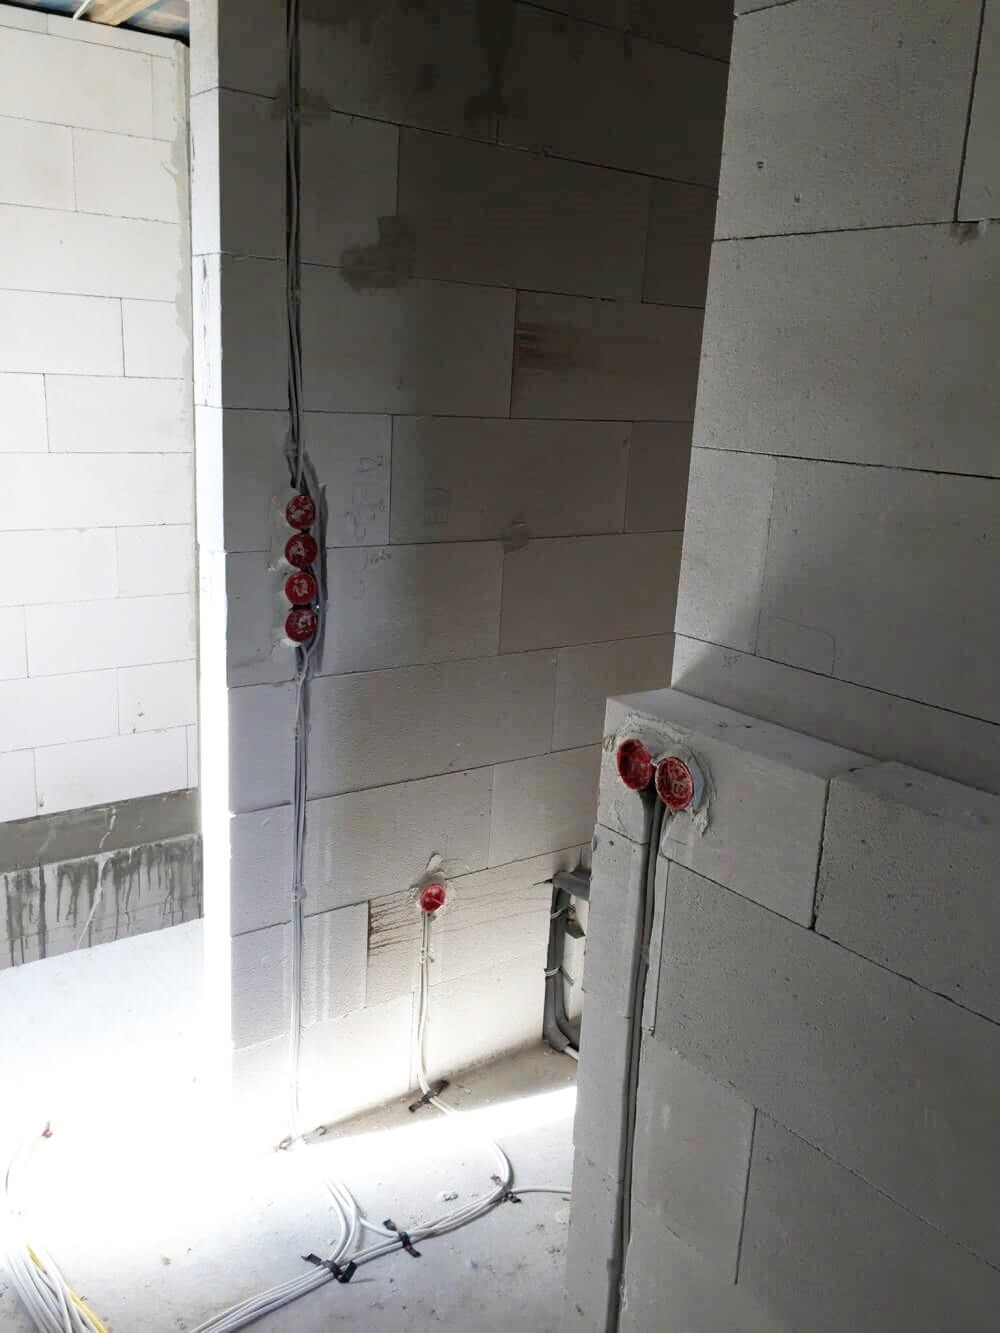 Unterputz Radio - Rohbauinstallation für das Steckdosen Radio und den Lautsprecher in unserem neuen Badezimmer